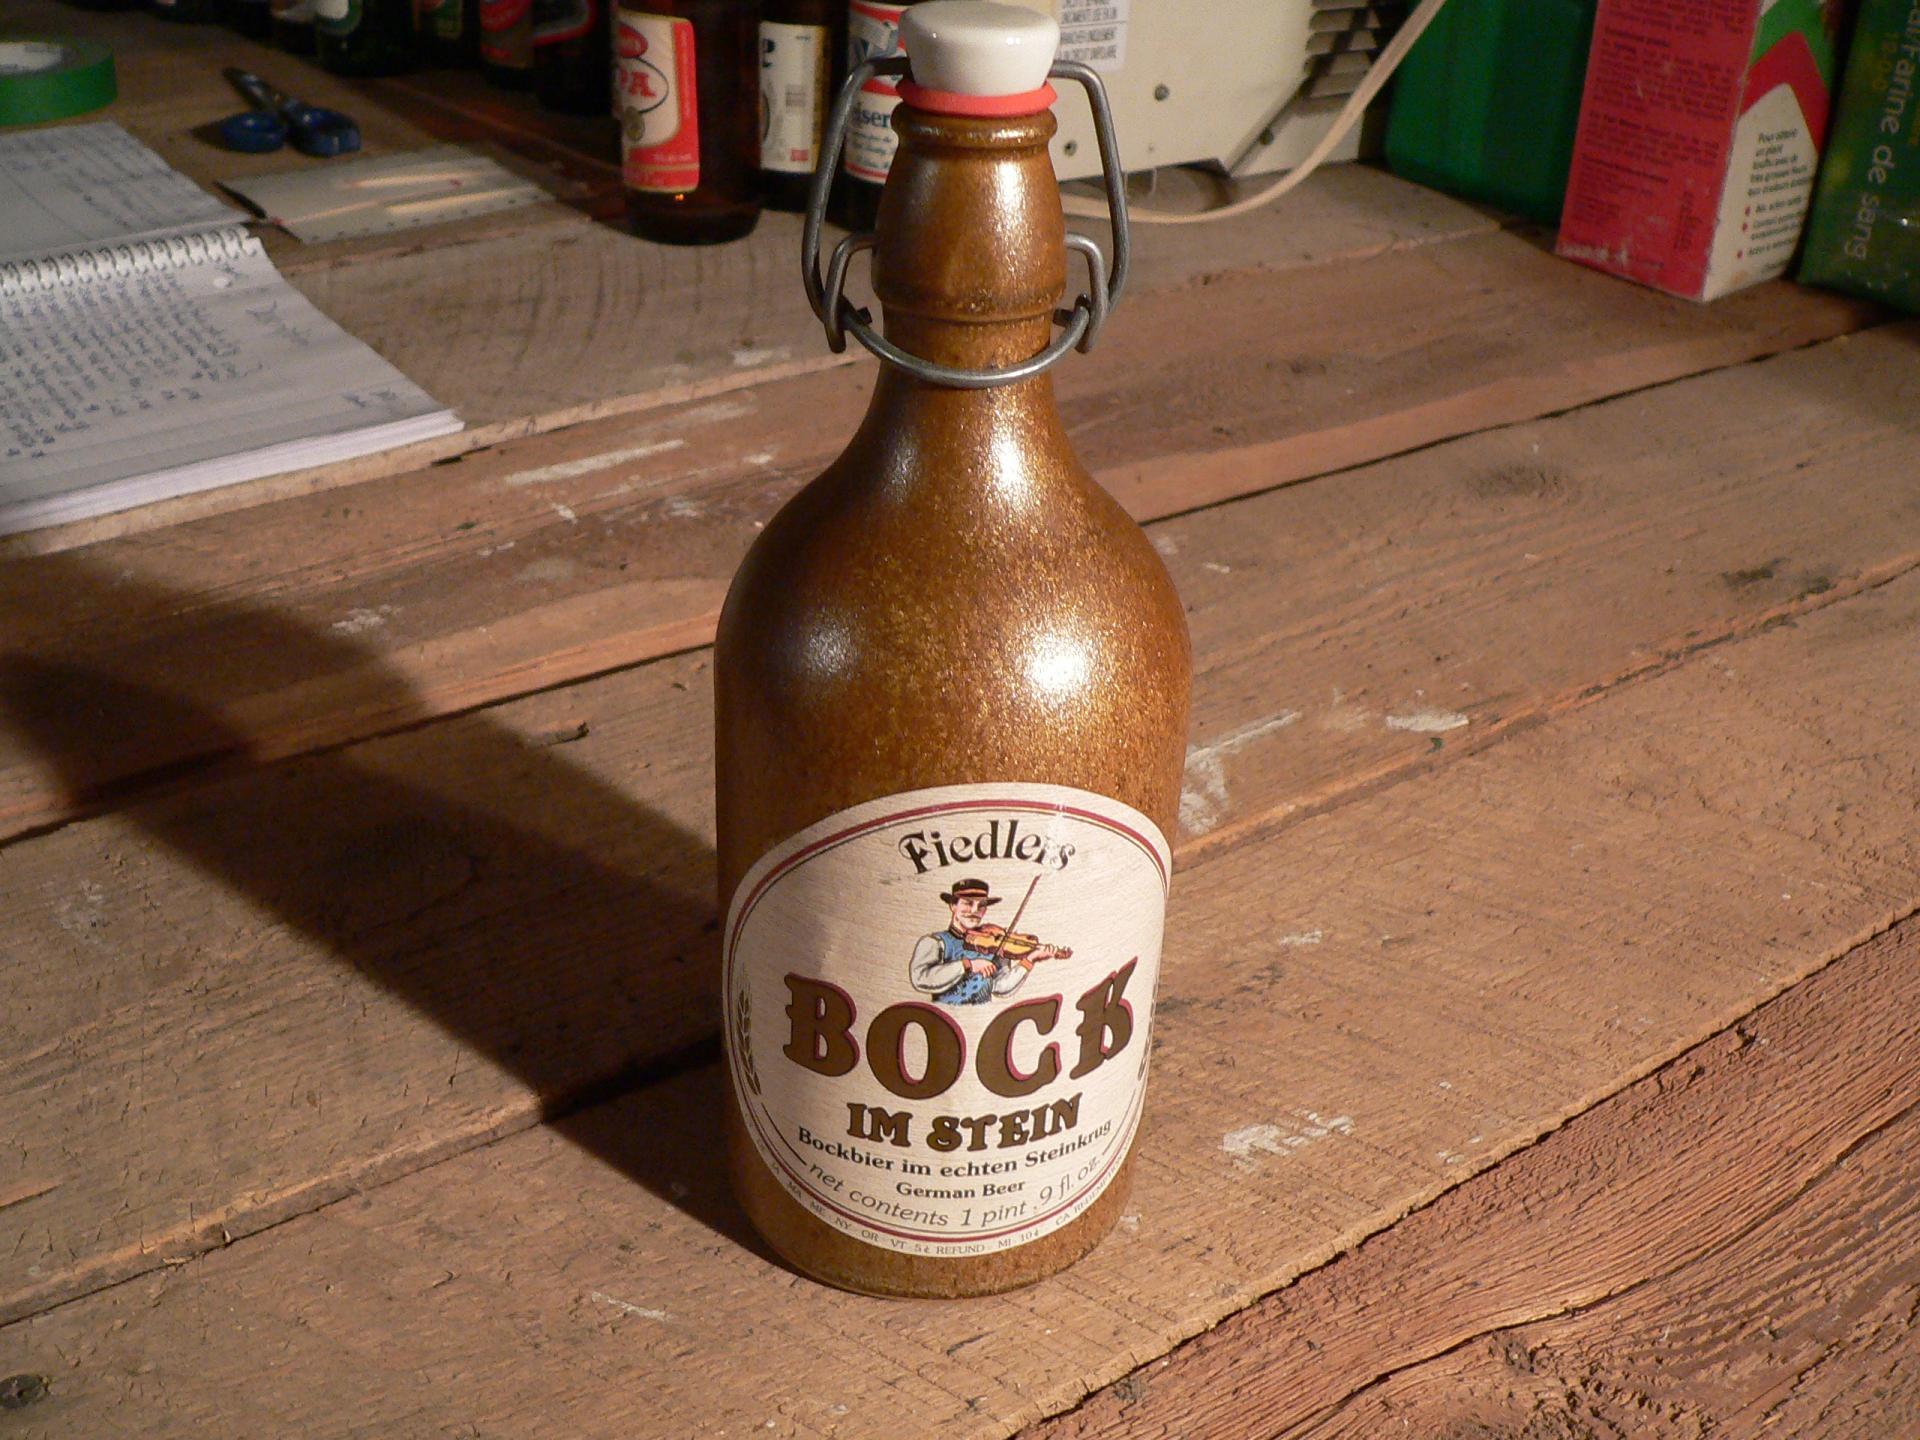 Bière bock im stein # 4739.1